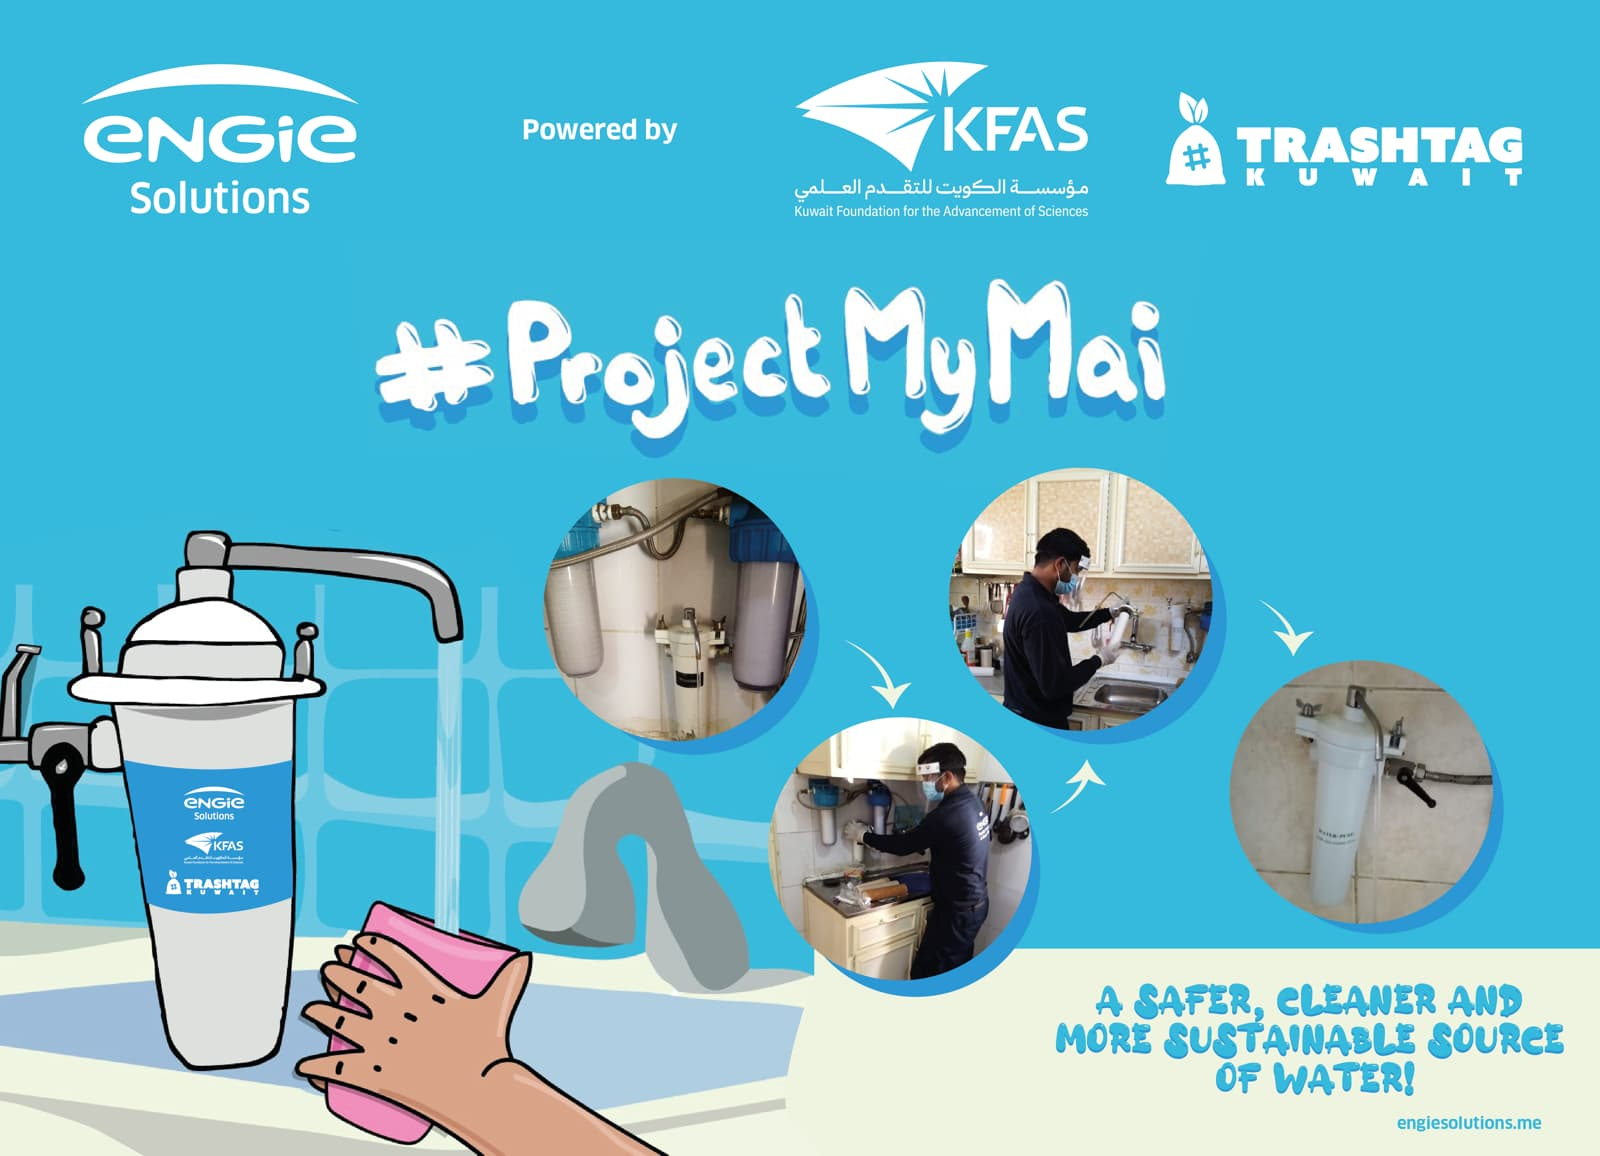 projectMayMai